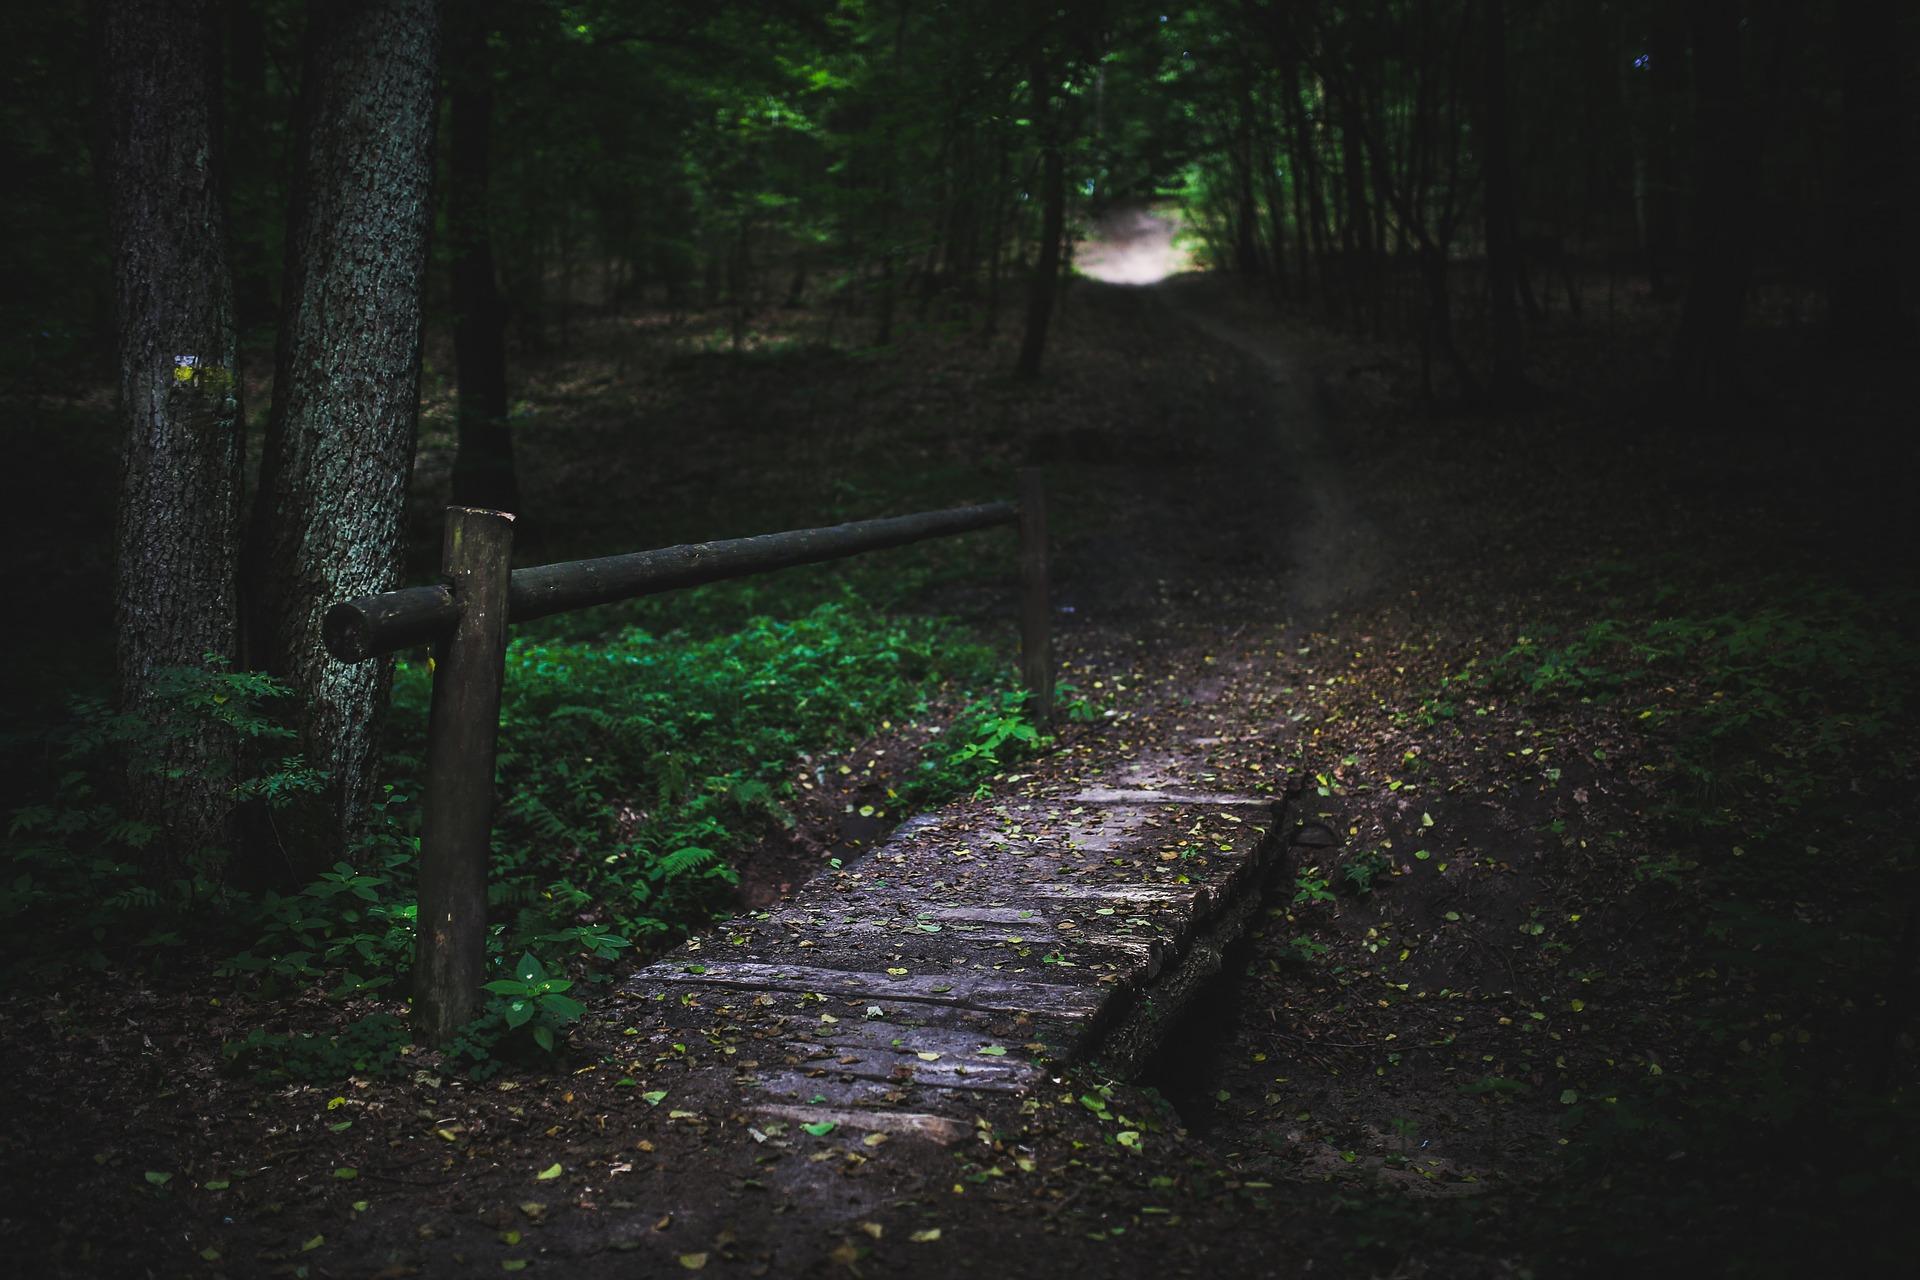 Significato della fiaba La bella addormentata nel bosco